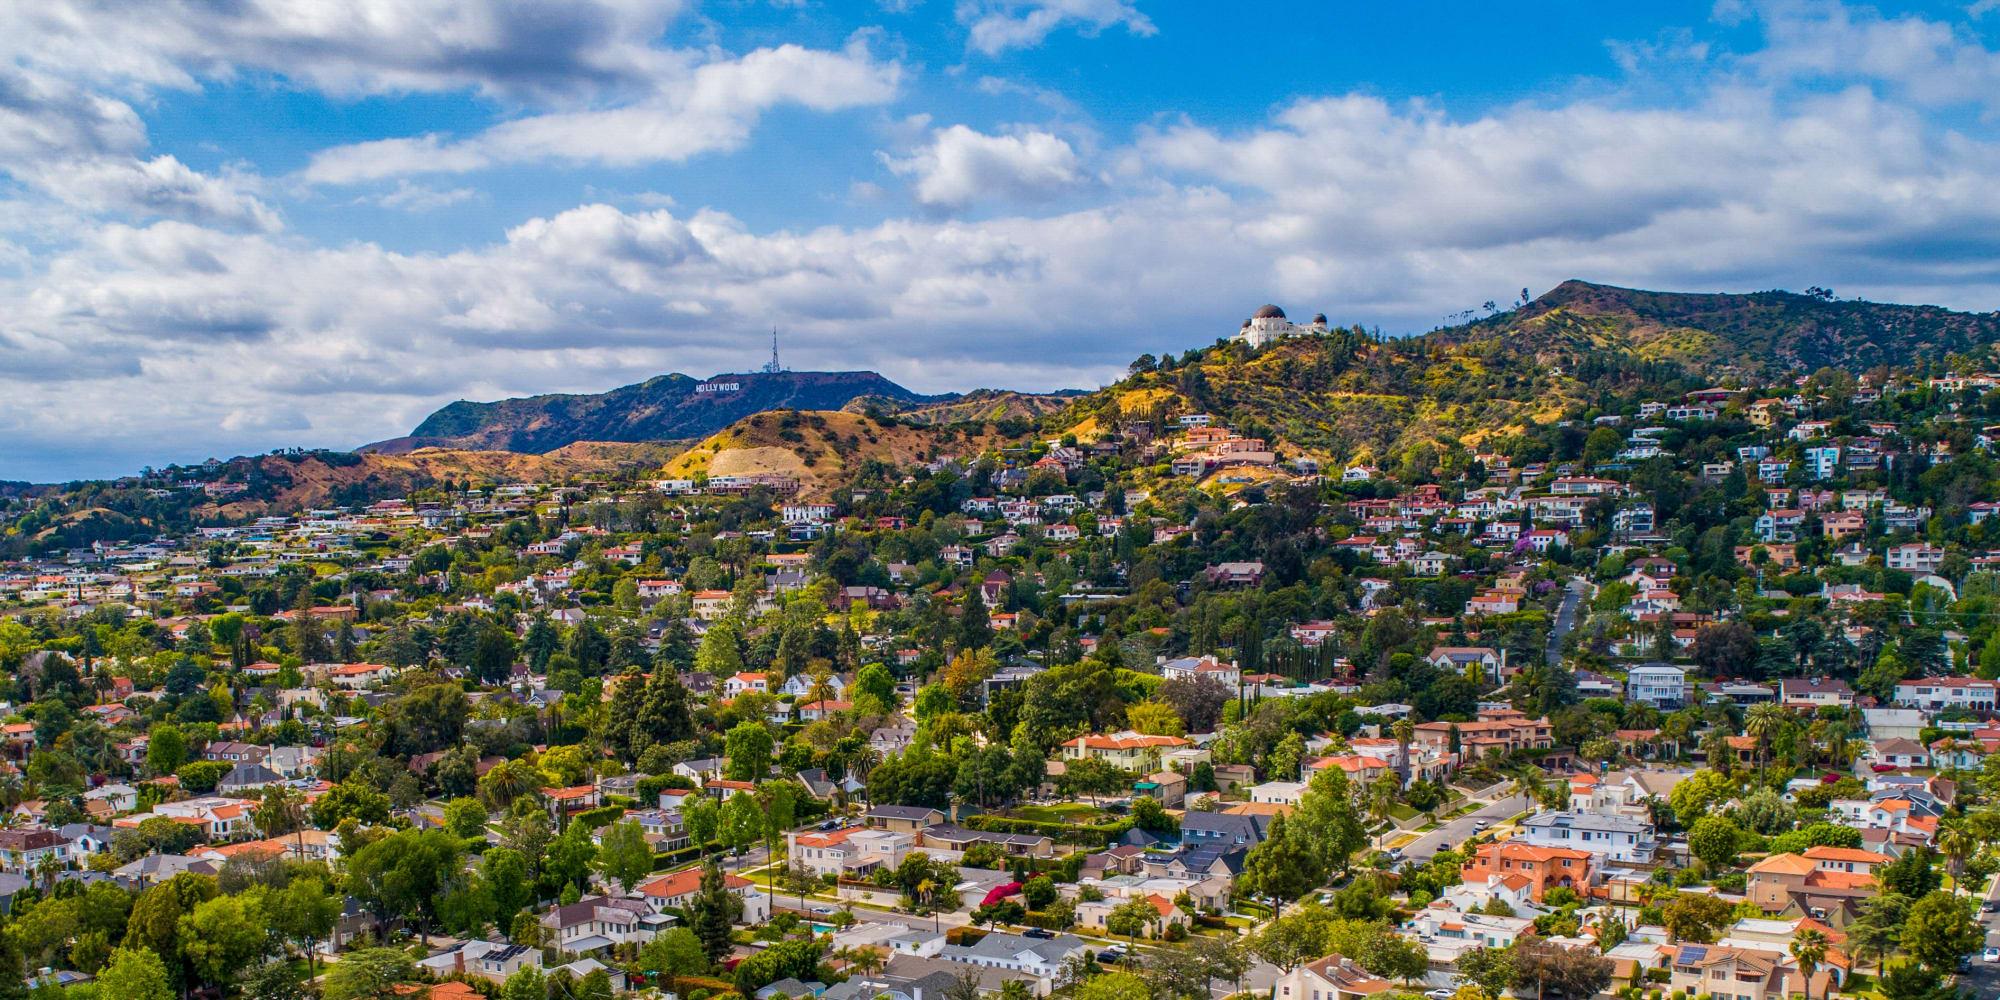 Beautiful aerial view of the greater neighborhood around Vue Los Feliz in Los Angeles, California